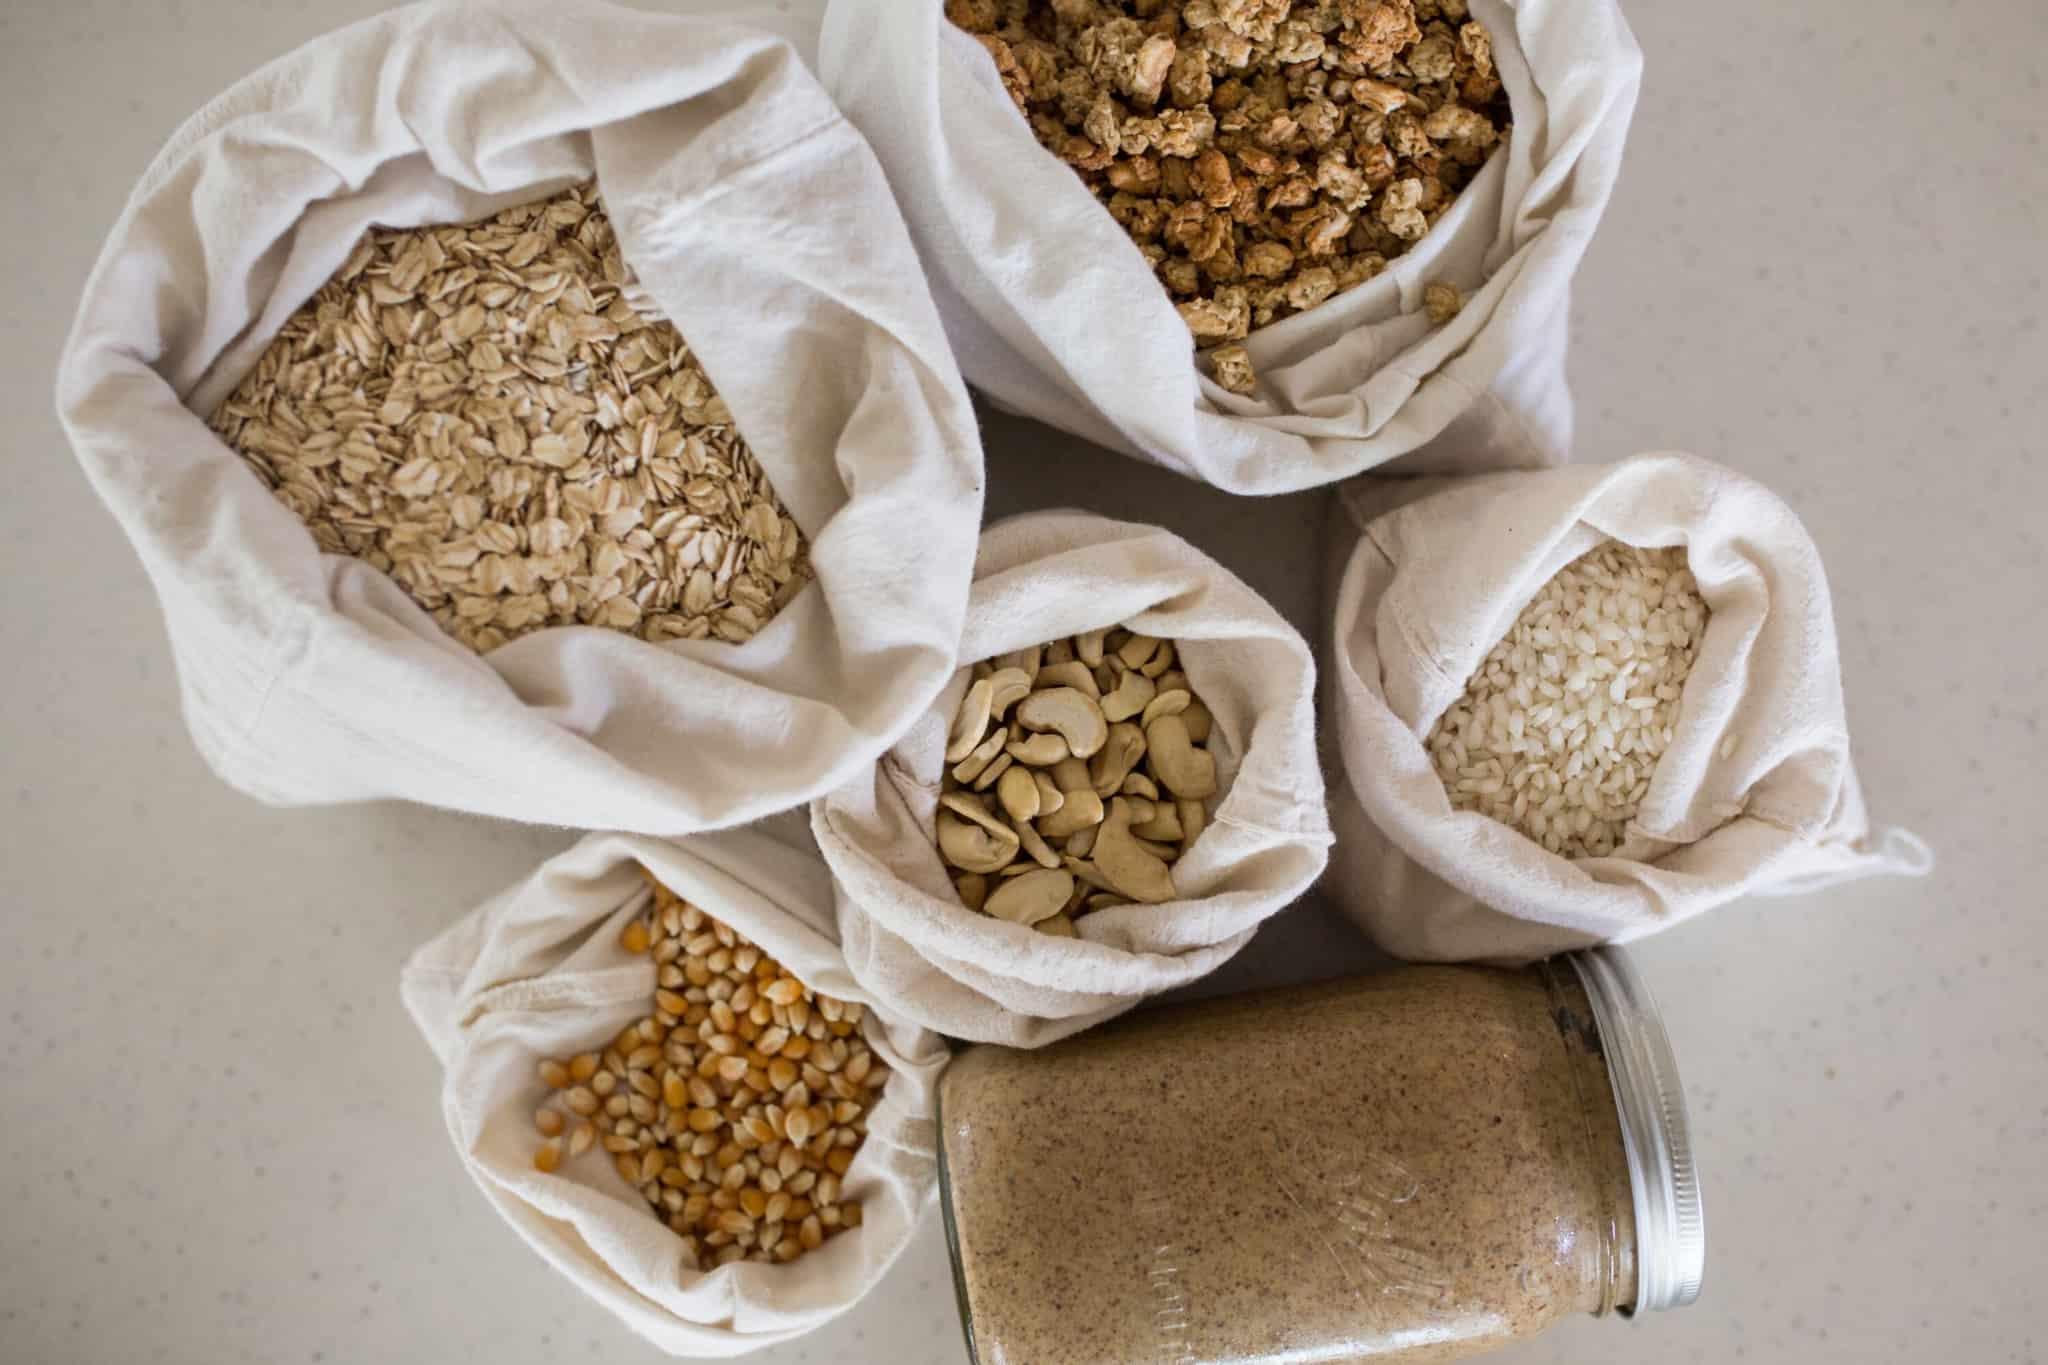 conjunto de sacos com varios cereais aveia etc